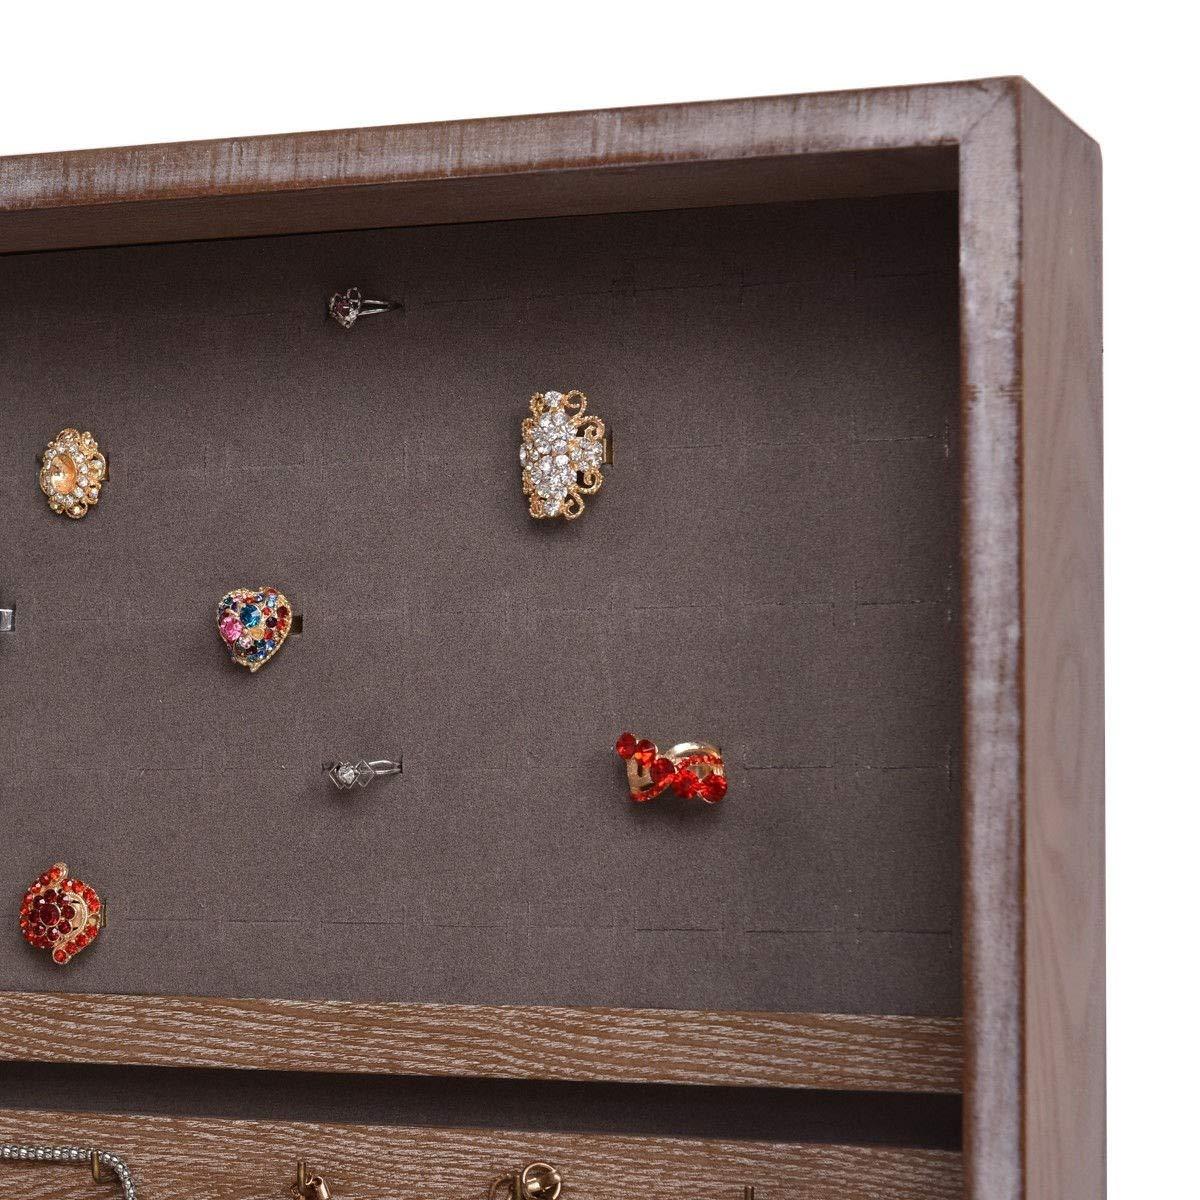 COSTWAY Armoire /à Bijoux Mural avec Miroir Armoire de Rangement MDF 35,2 x 9,2 x 96 cm Brown